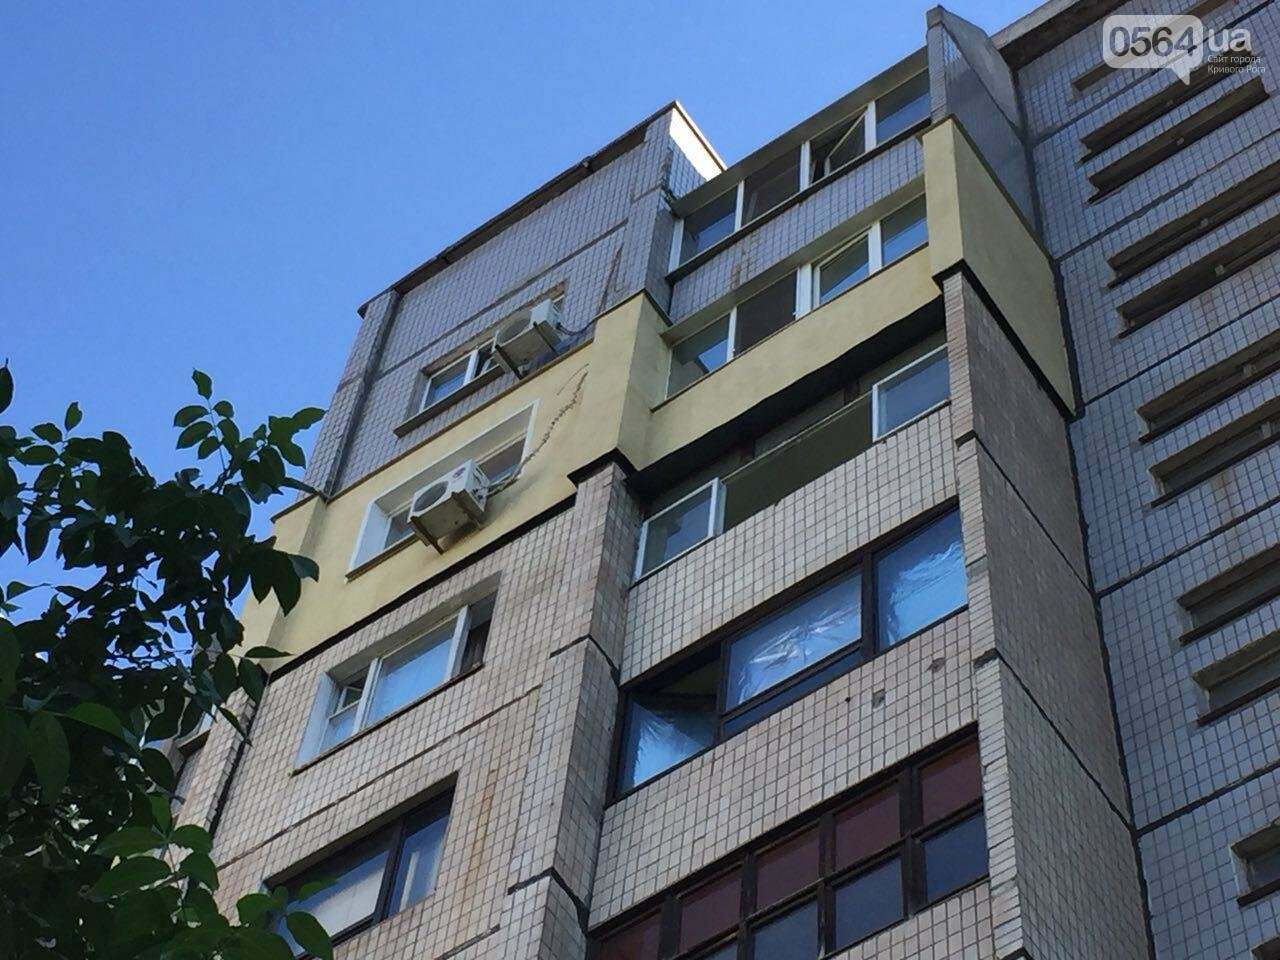 В Кривом Роге погиб малыш, выпав из окна 7 этажа, - ФОТО, фото-2